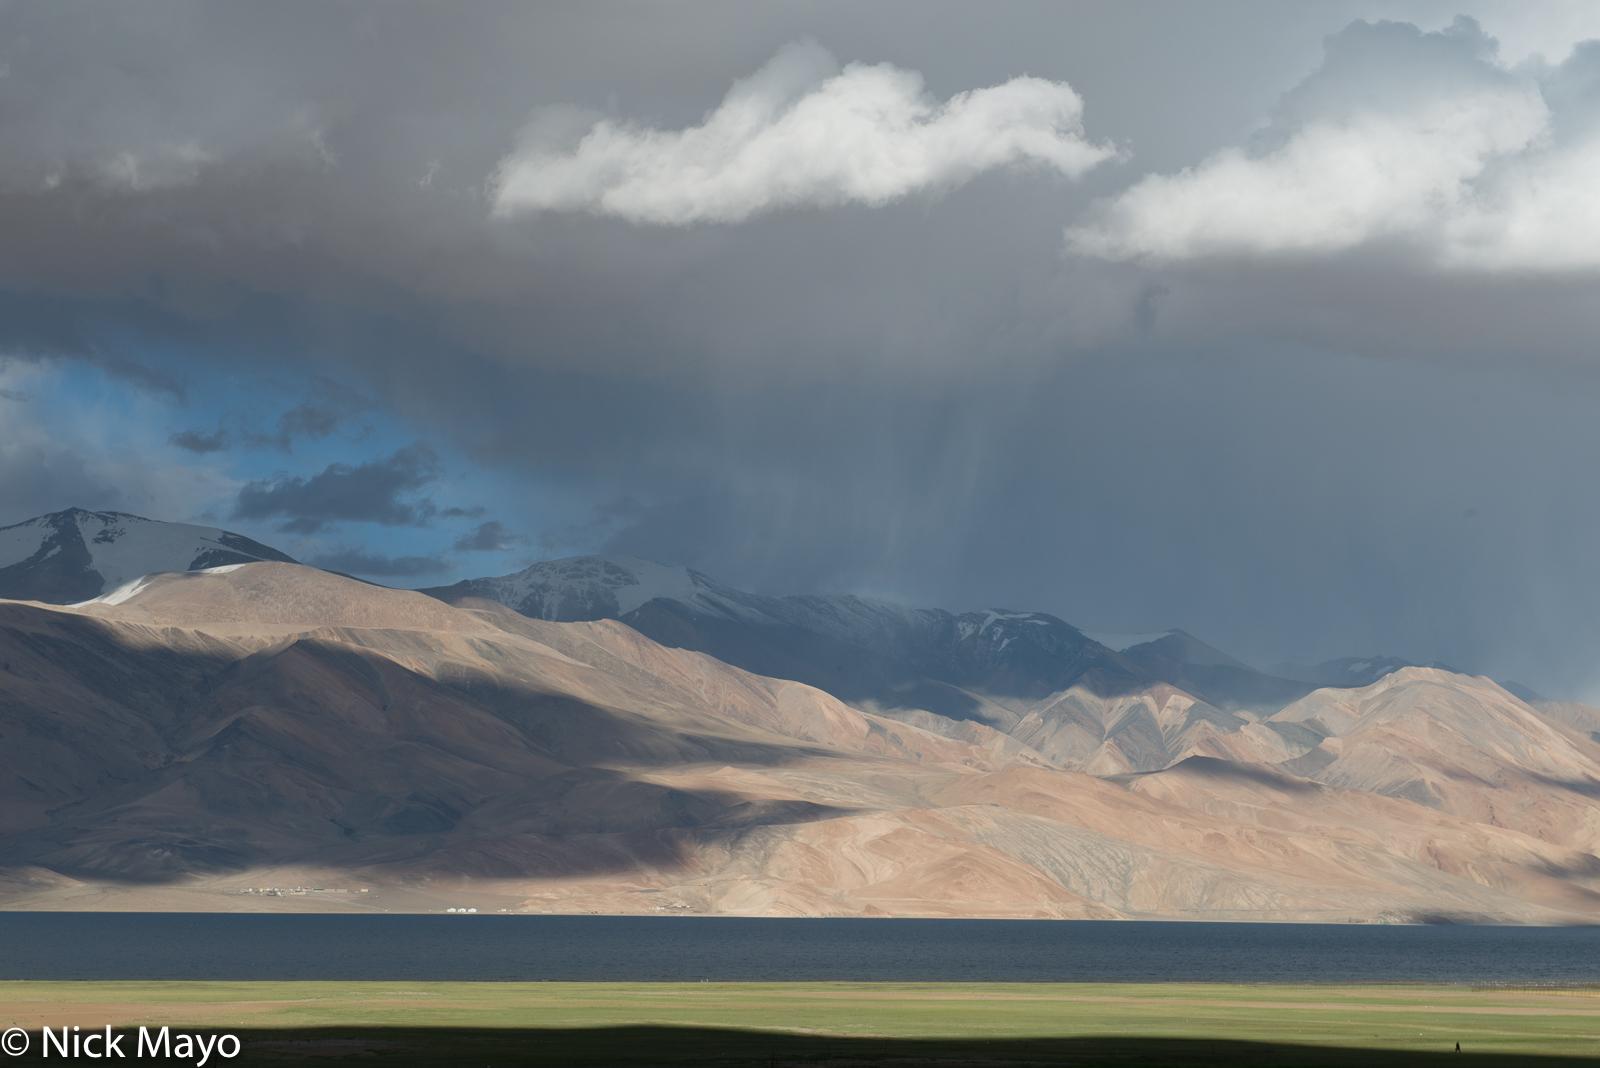 A summer rain squall at Tso Moriri lake as seen from Korzok.